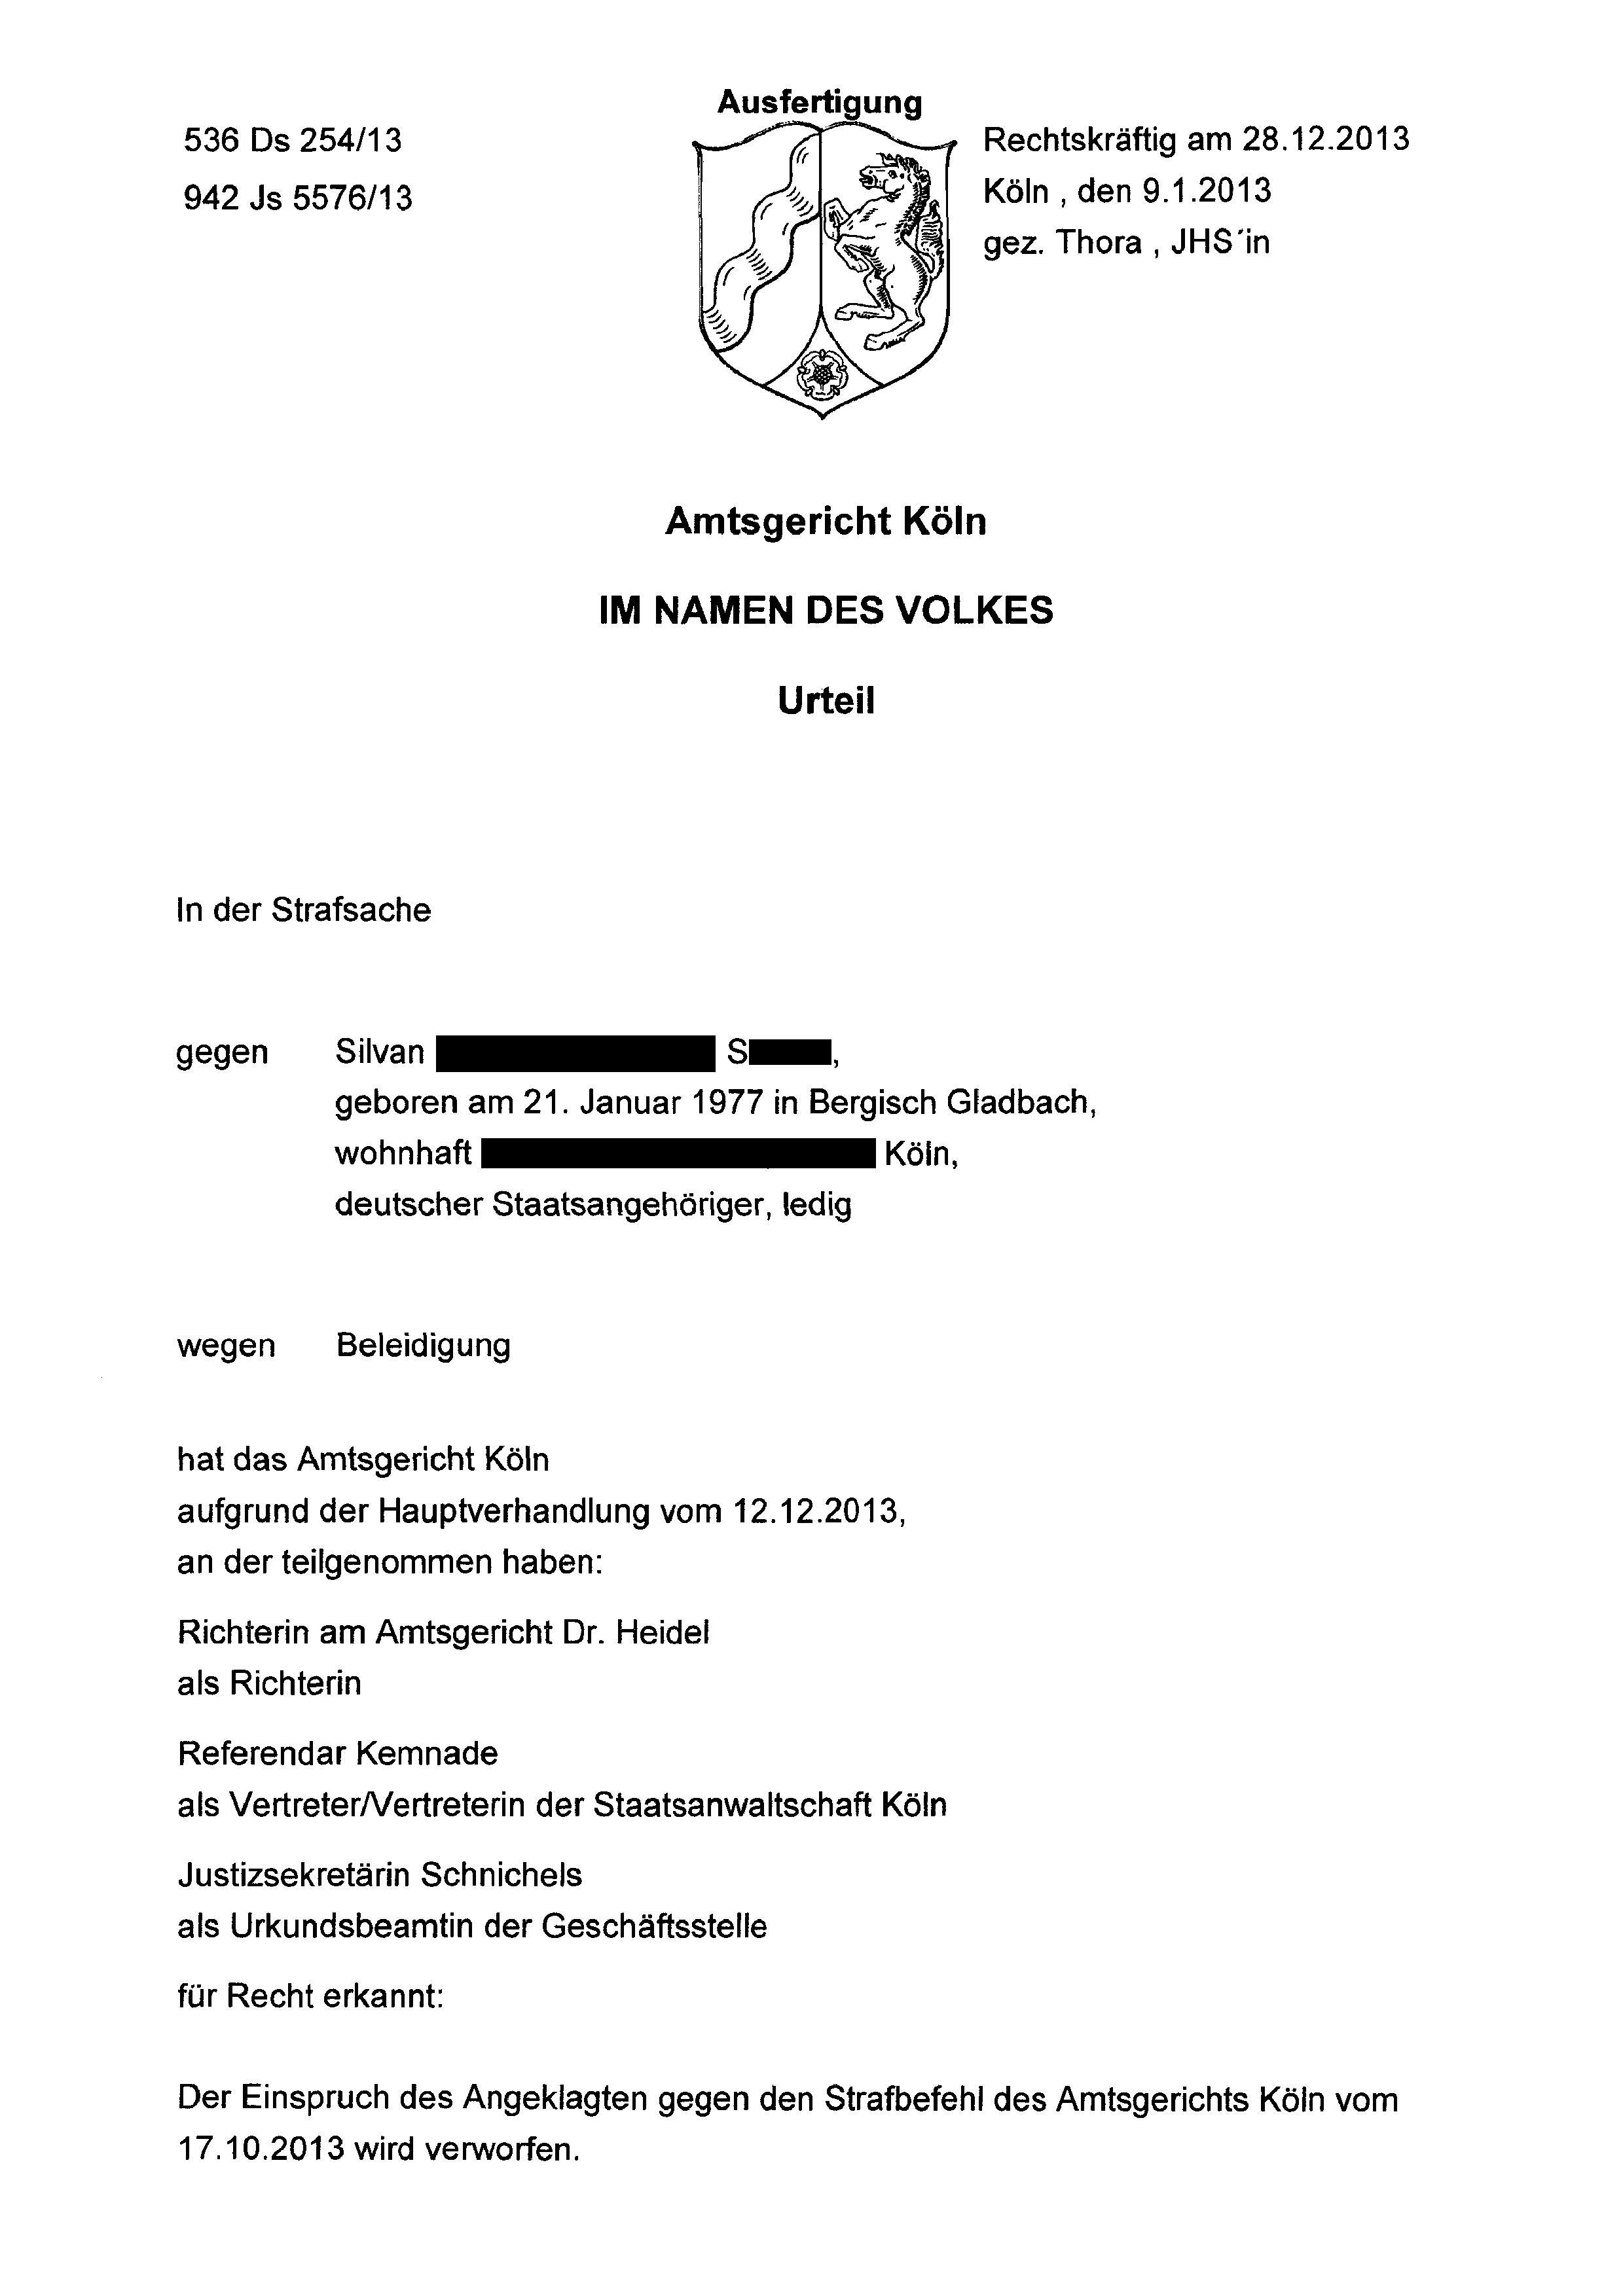 Staatsanwaltschaft | BRD Nazi-Justiz von DJ Silvan | Seite 2